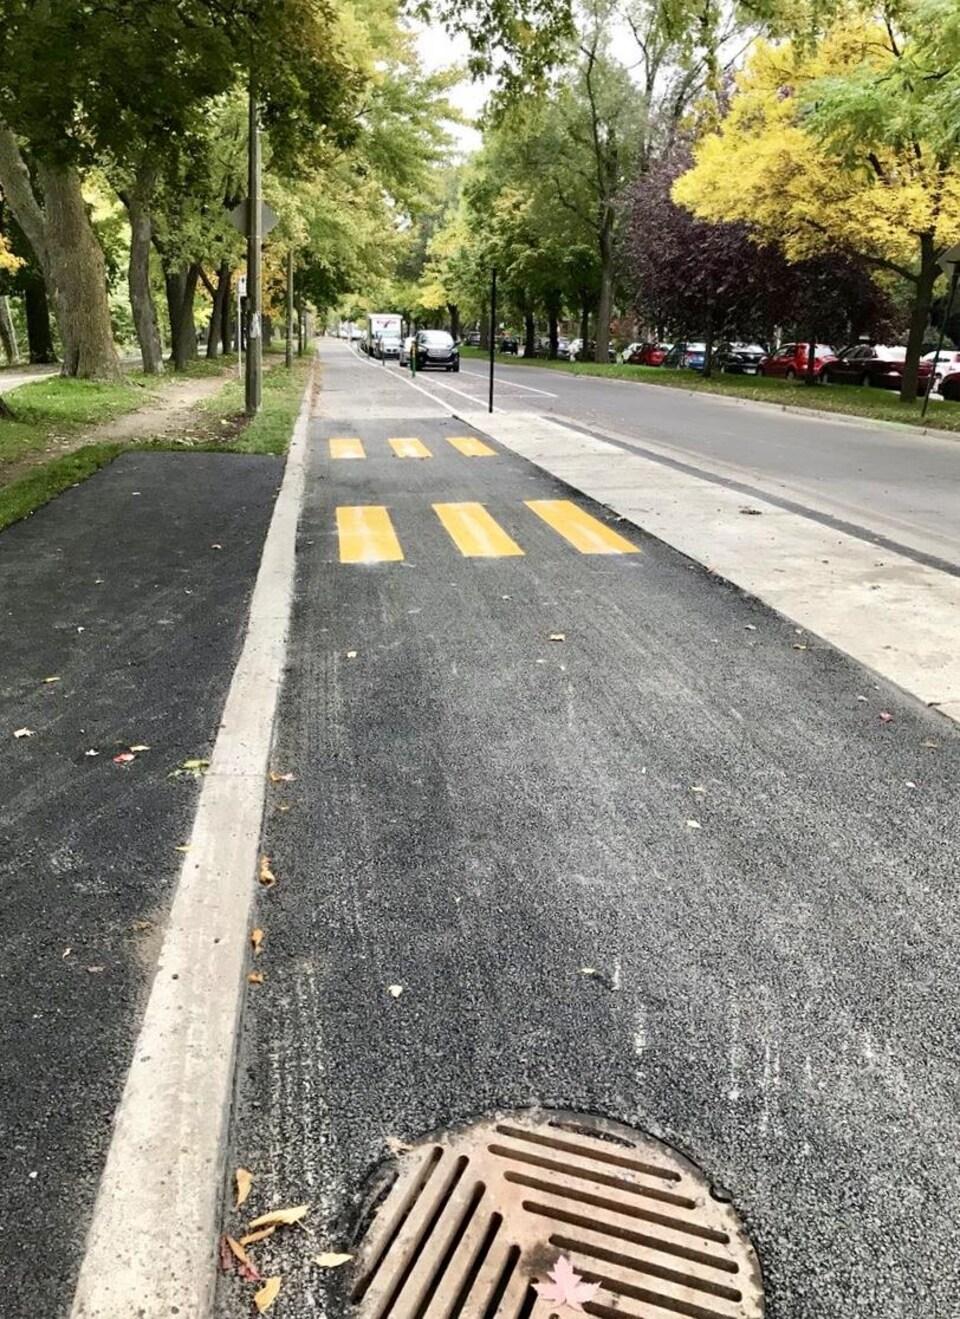 La piste cyclable, fraîchement aménagée, en sens contraire de la voie réservée aux véhicules.